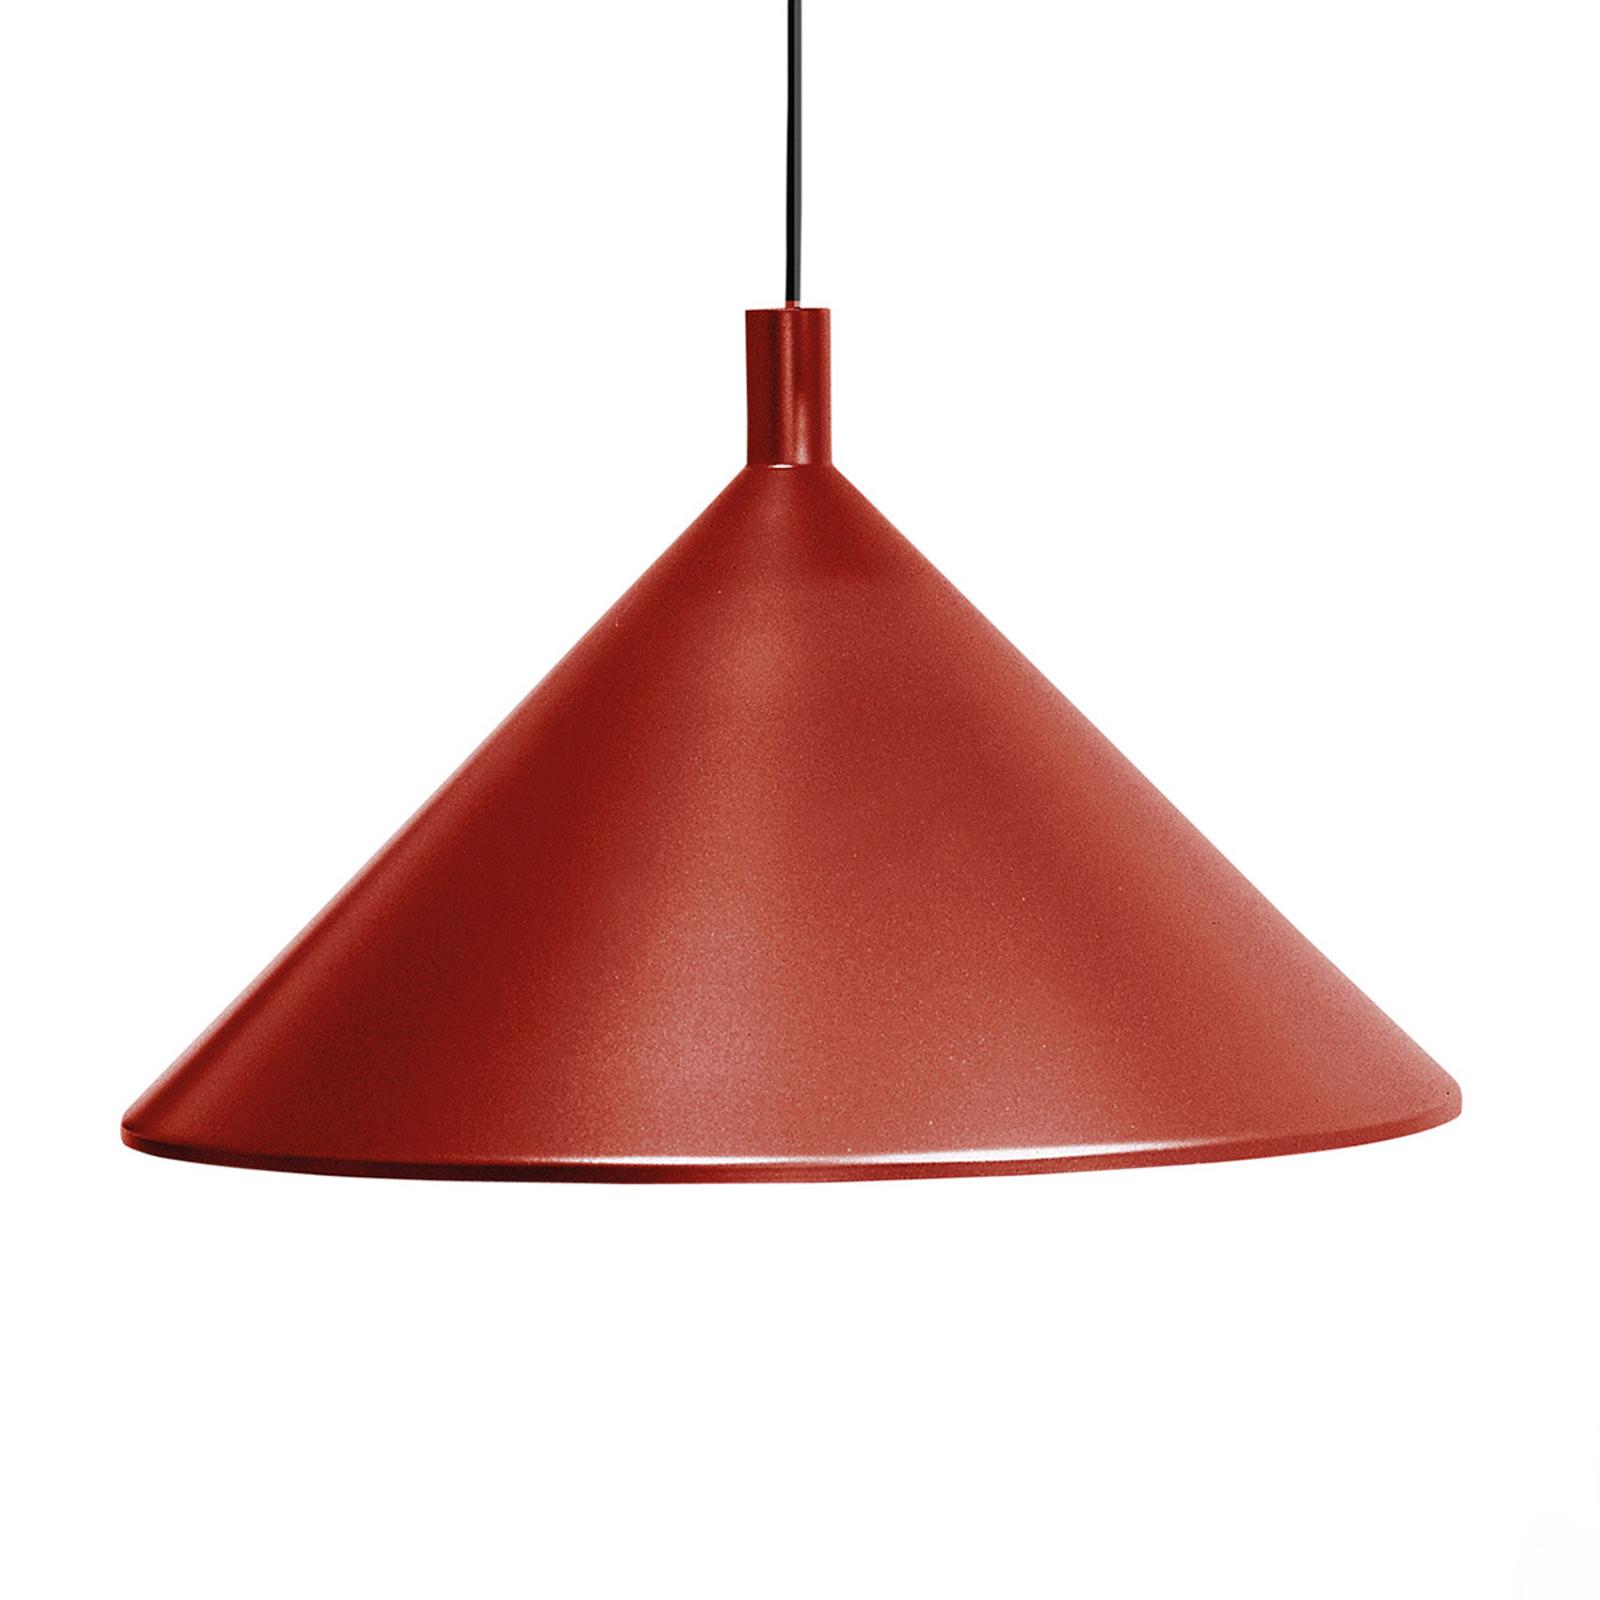 Martinelli Luce Cono -riippuvalo, punainen Ø 30 cm